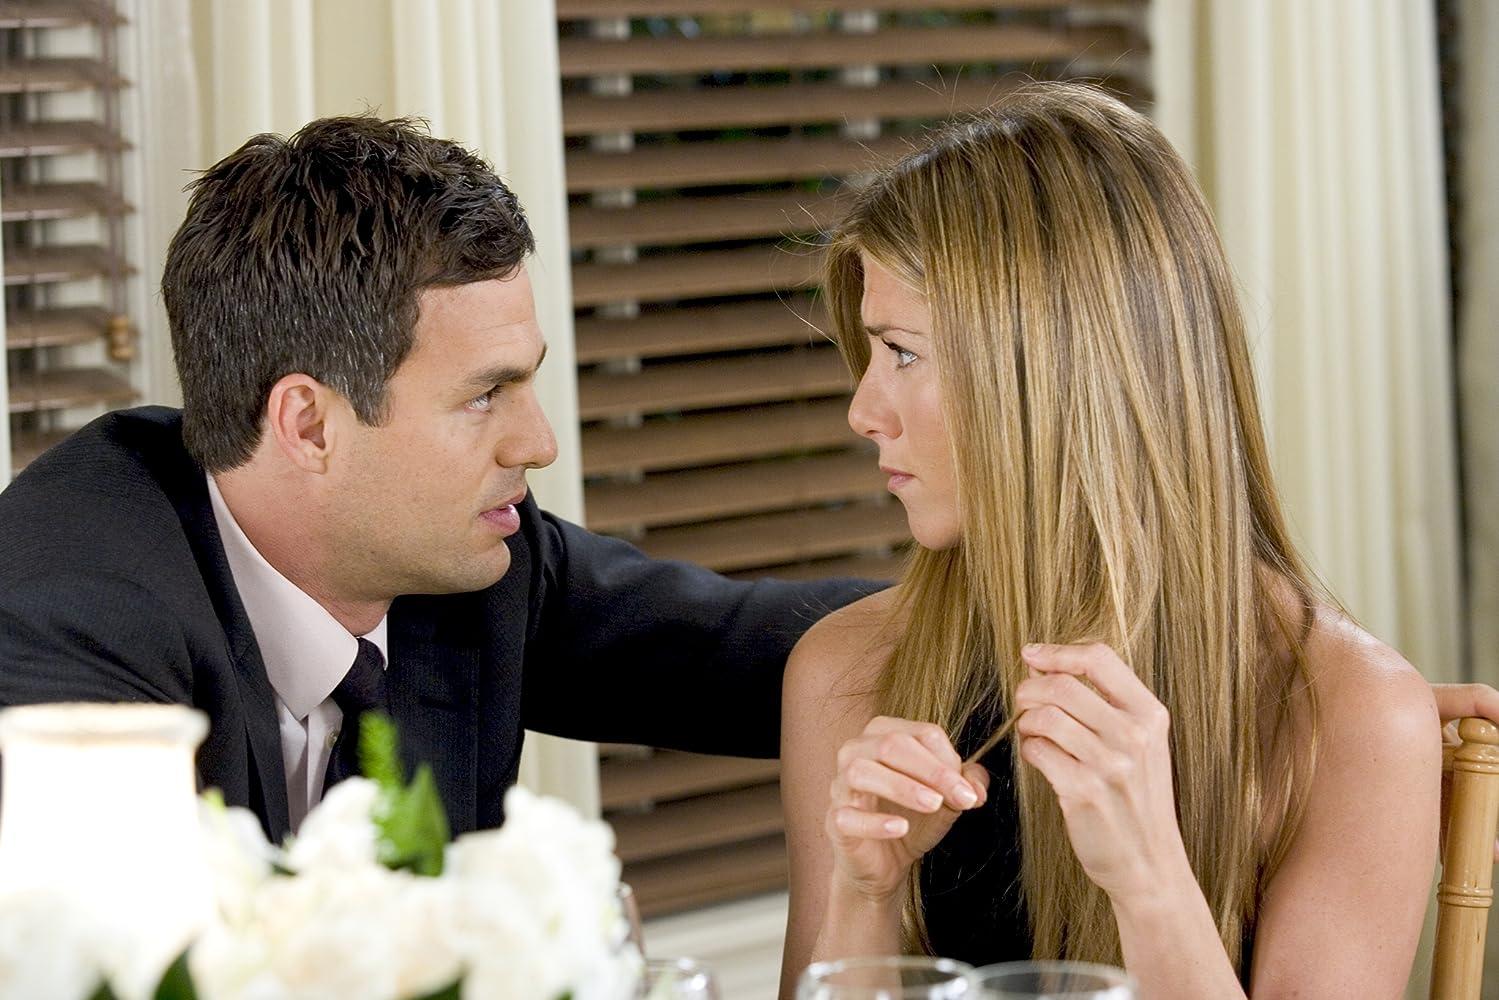 映画『迷い婚 全ての迷える女性たちへ』のプロポーズ